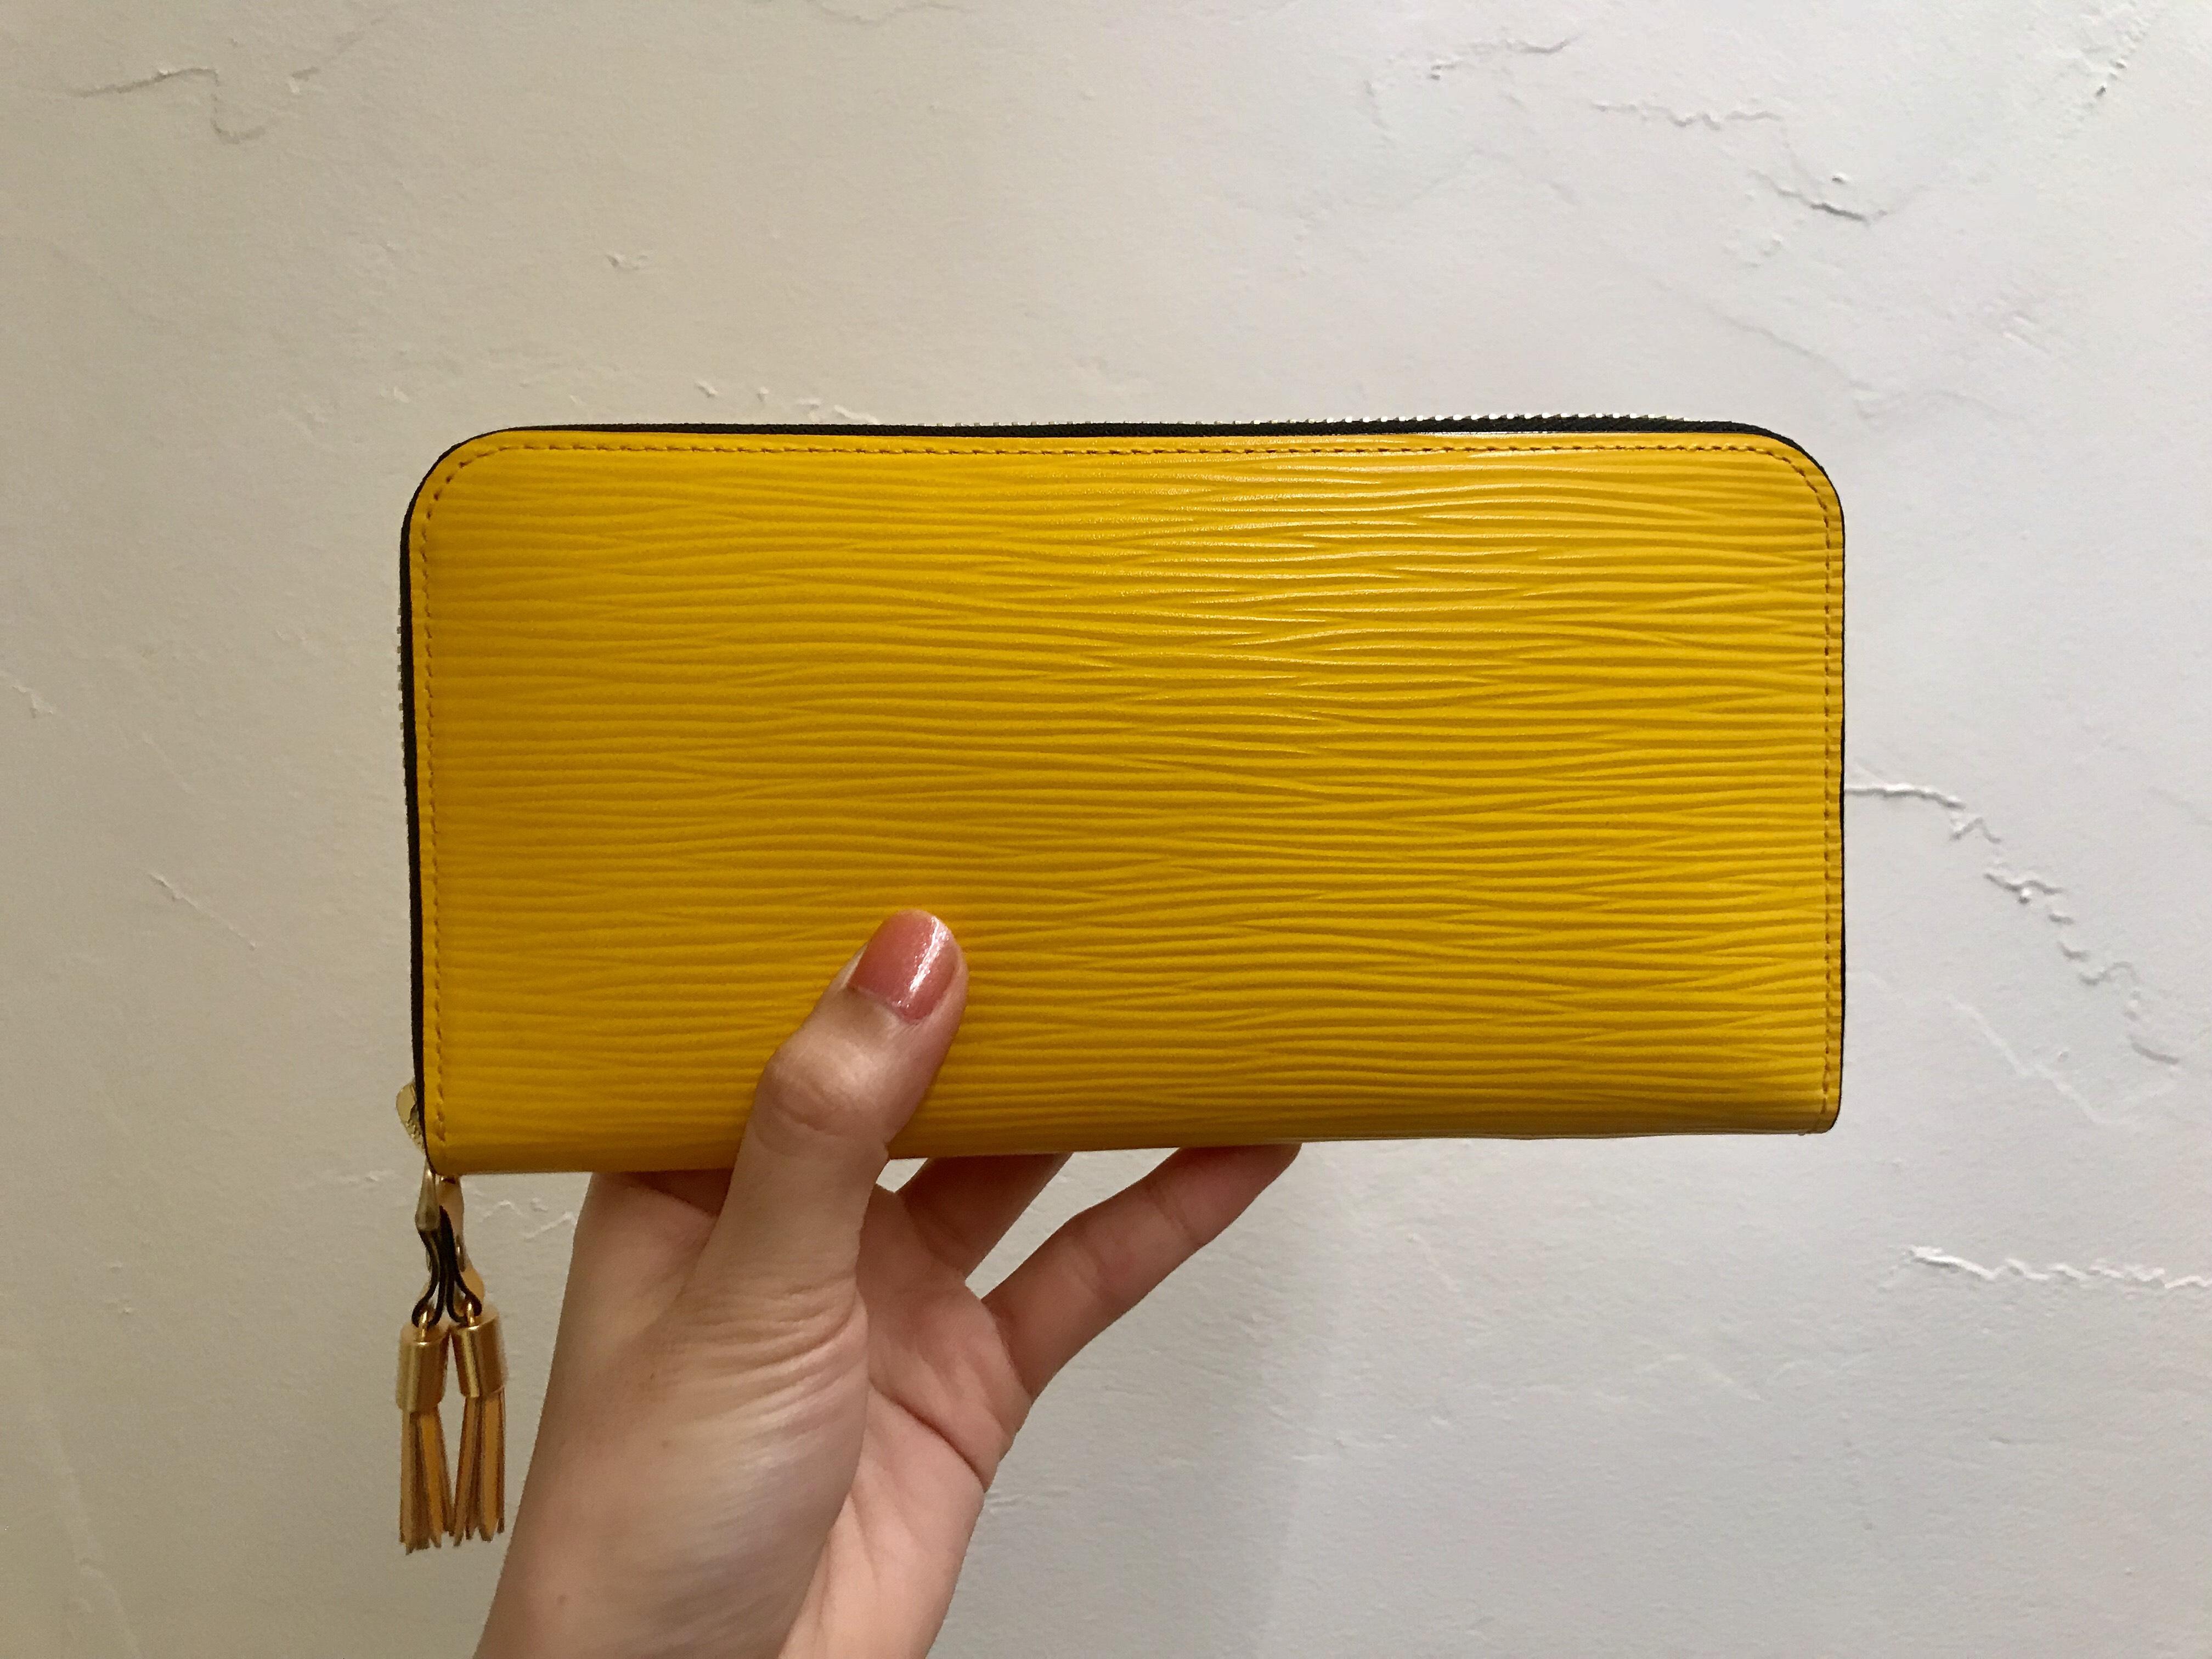 2019年に持ちたい黄色の長財布